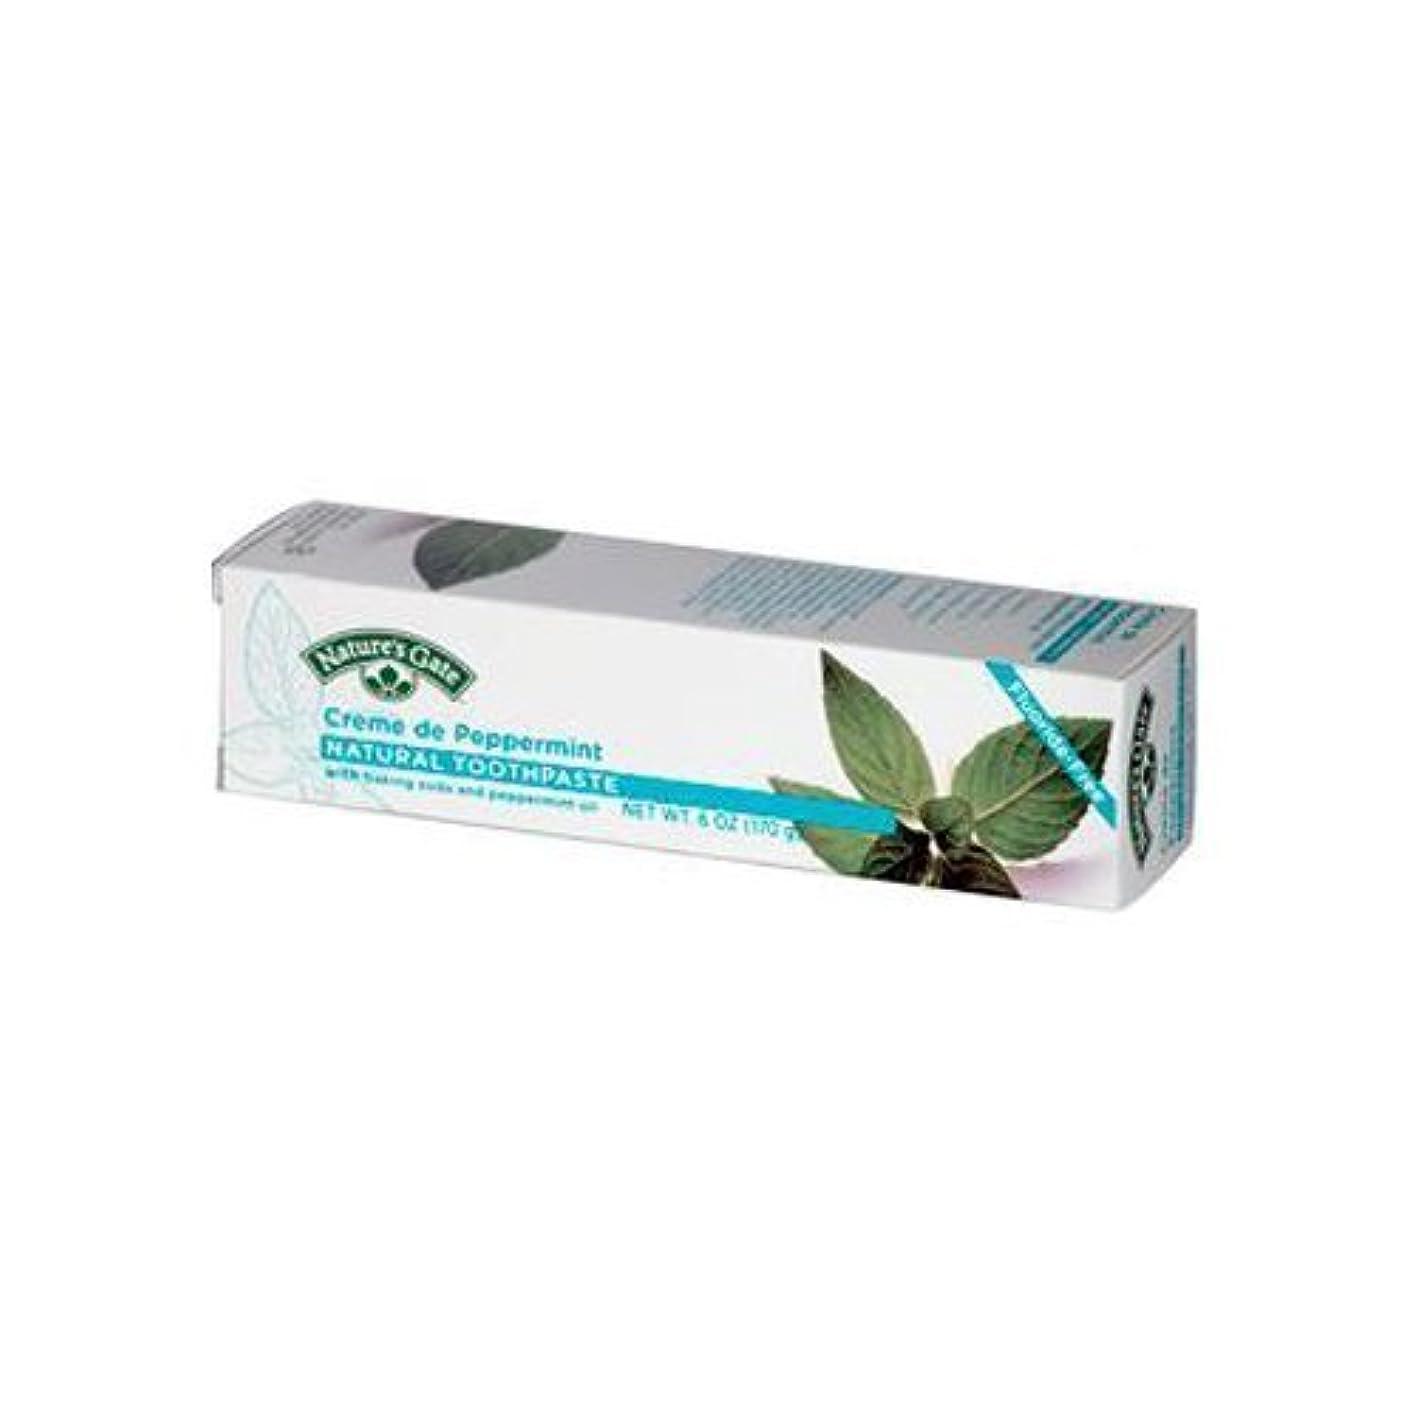 部分的勘違いする噴出するNatures Gate Natural Toothpaste Cr?me De Peppermint - 6 oz - Case of 6 by NATURE'S GATE [並行輸入品]